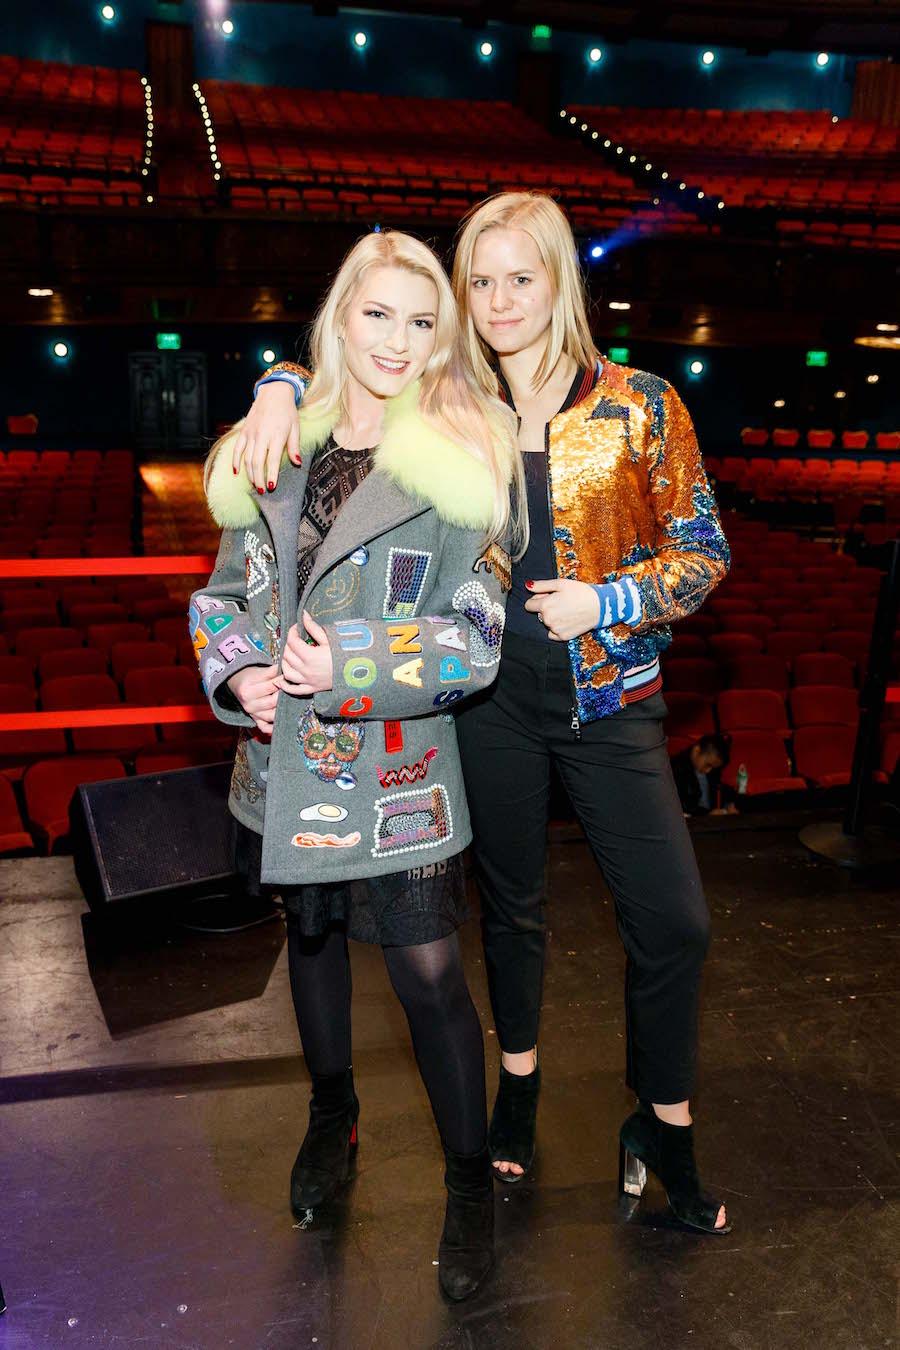 Megan Jensen and Caitlin Fear